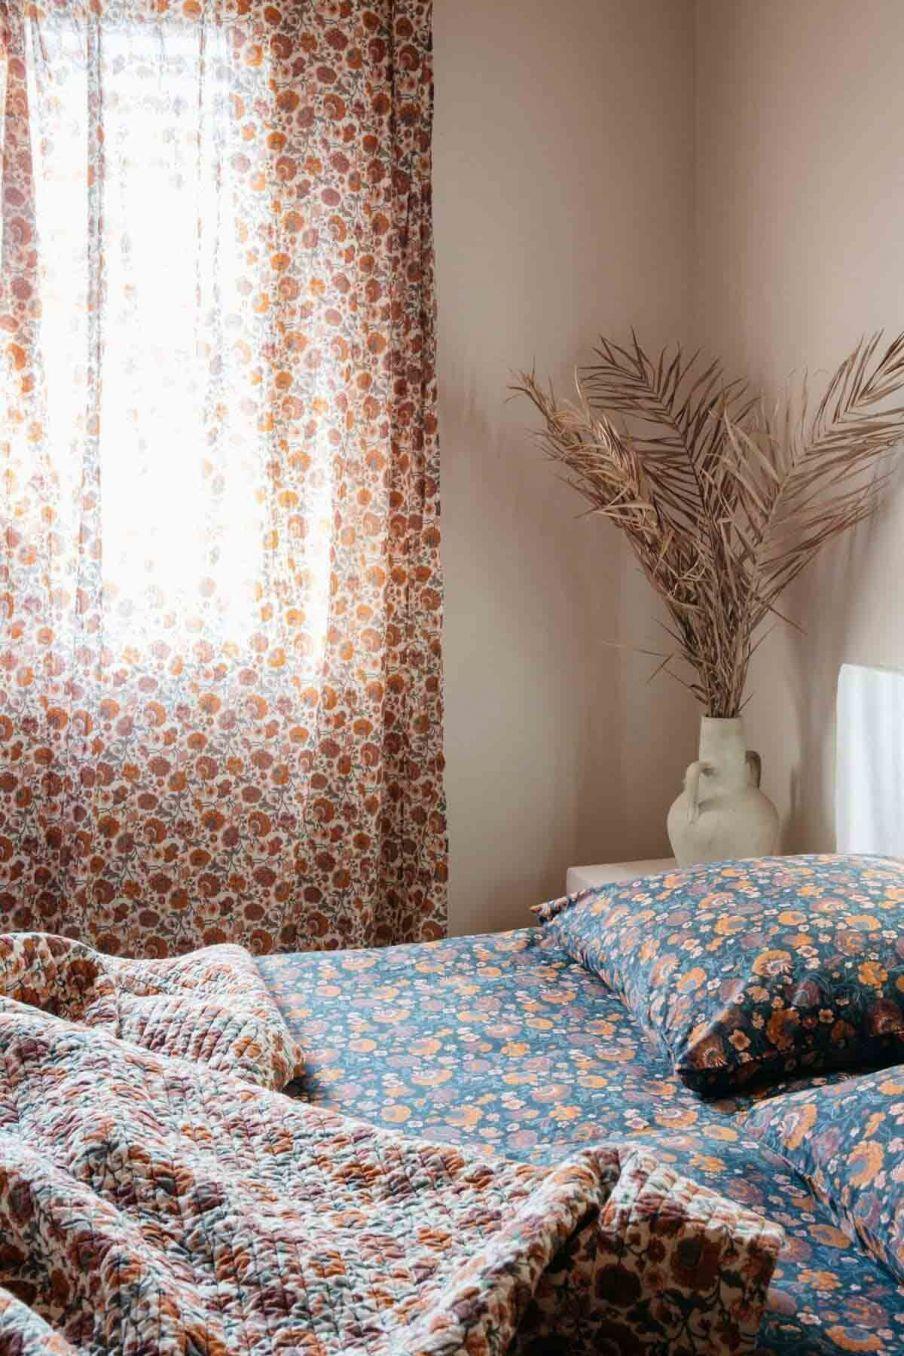 rideau maison colette cream bohemian flowers - louise misha